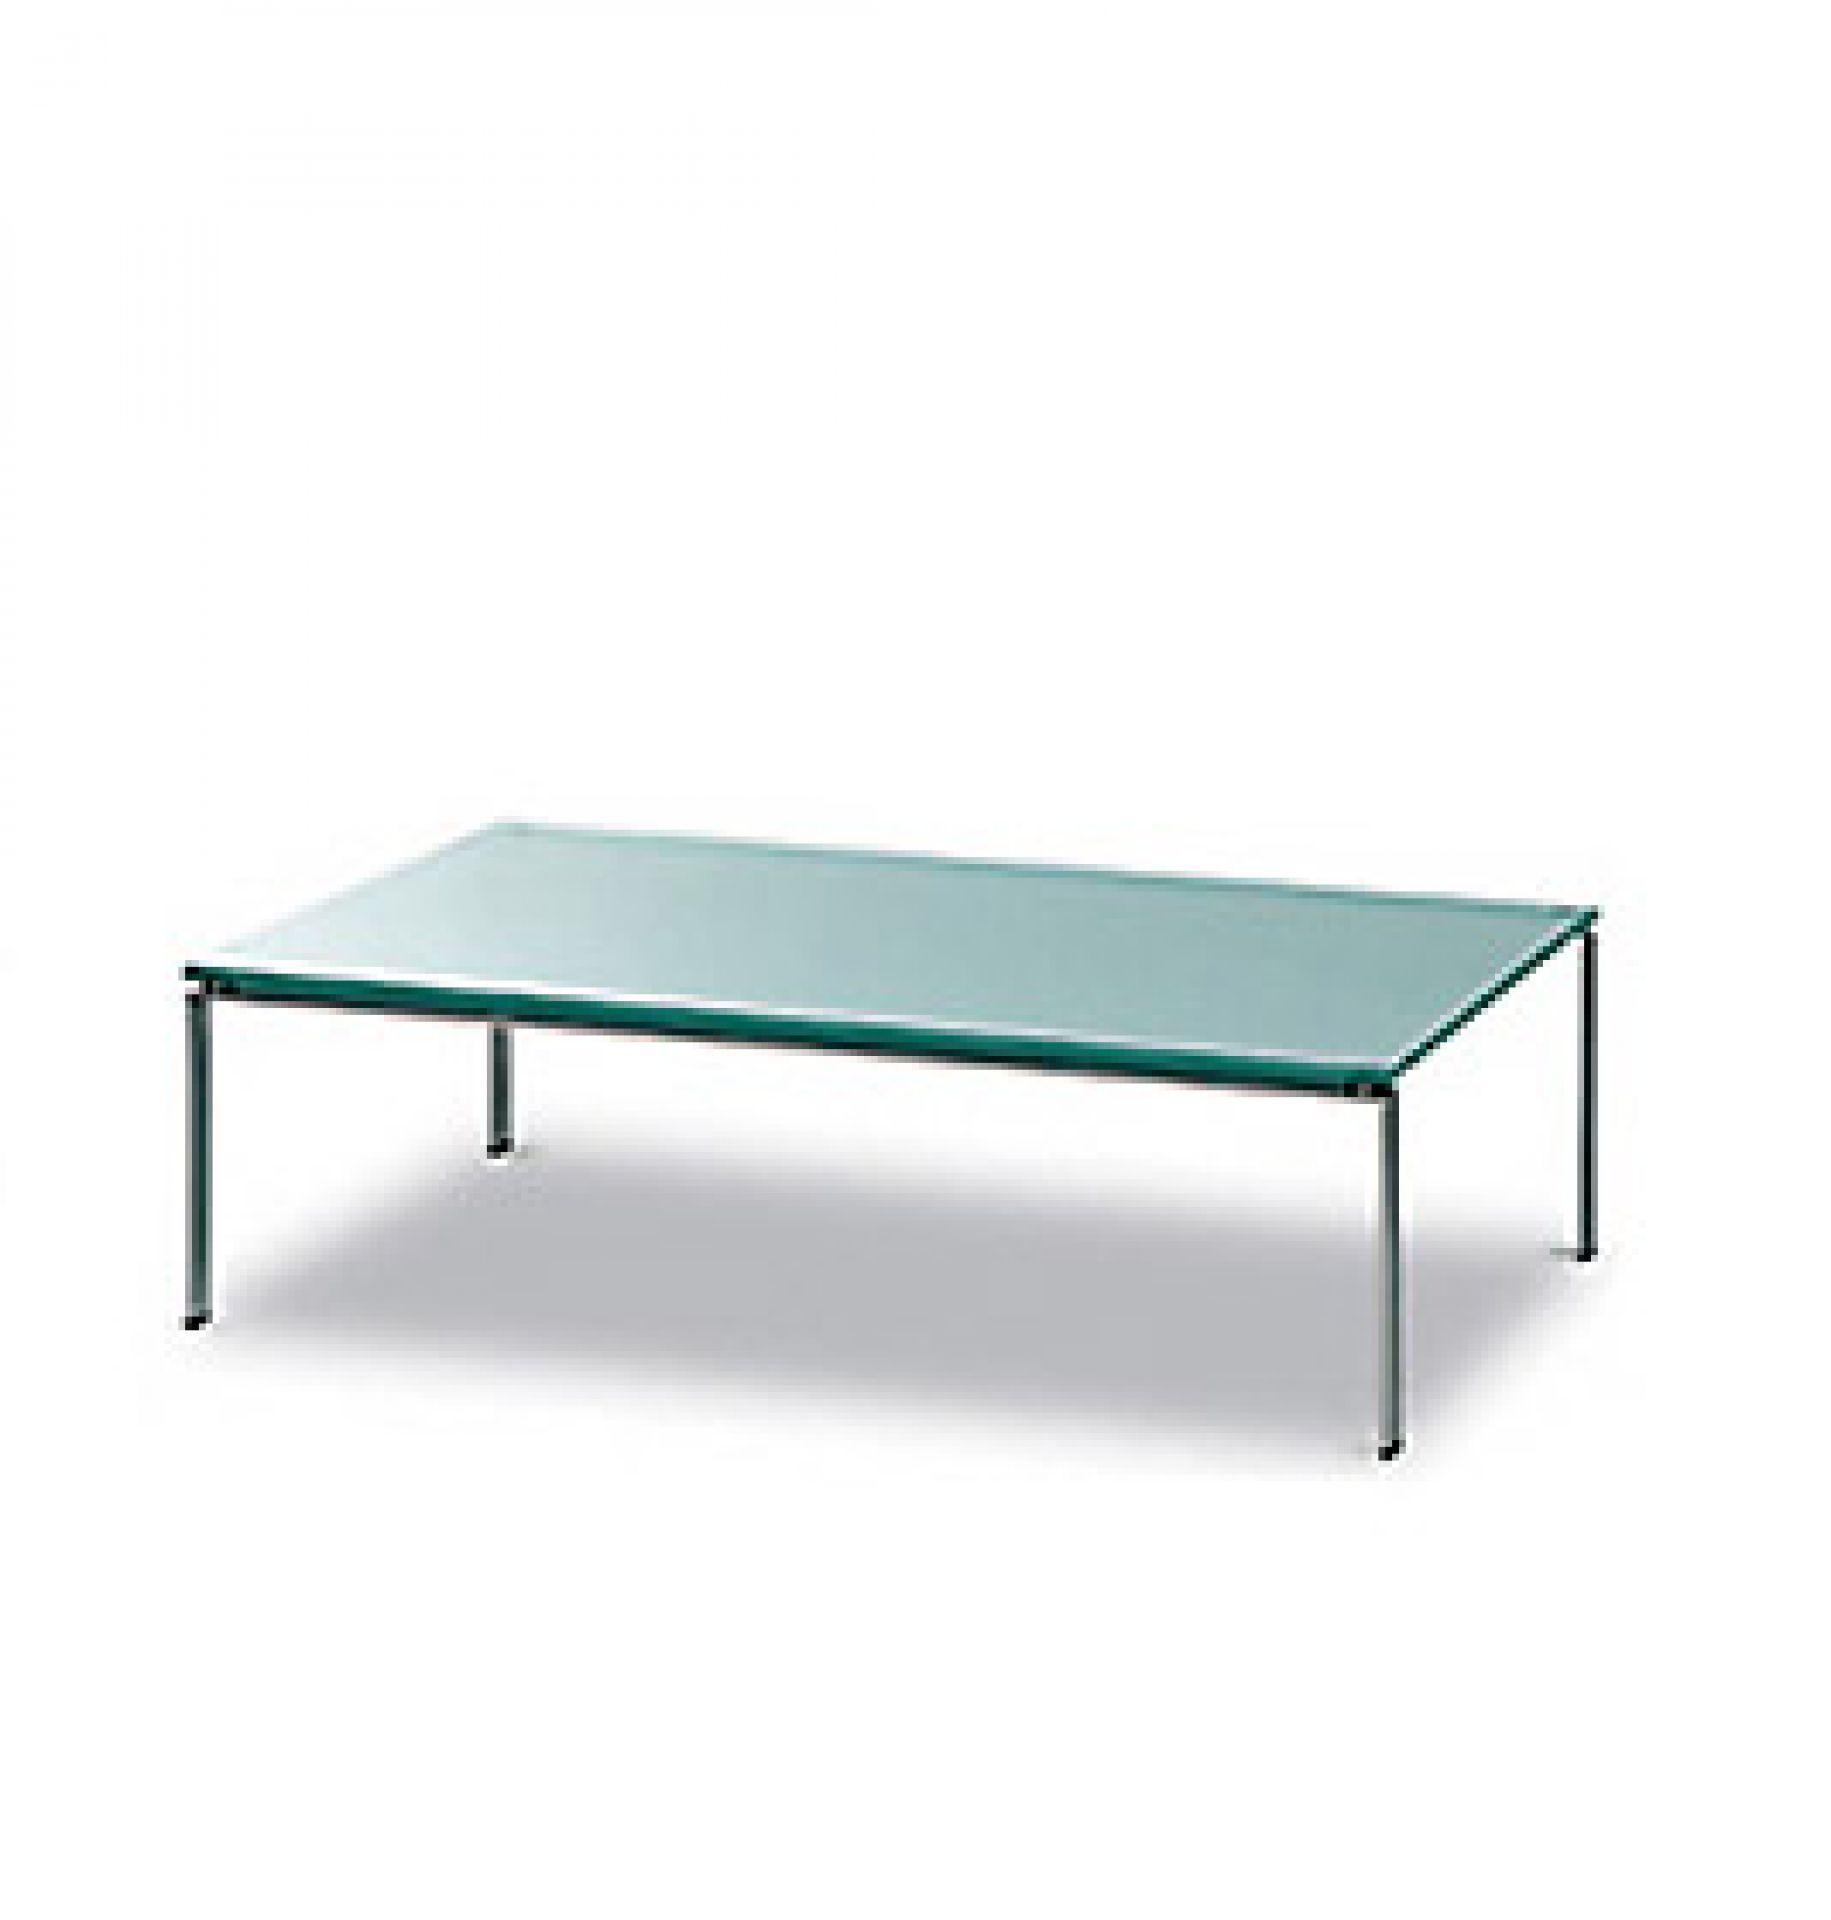 FOSTER 500 Tisch 130 x 65 Walter Knoll